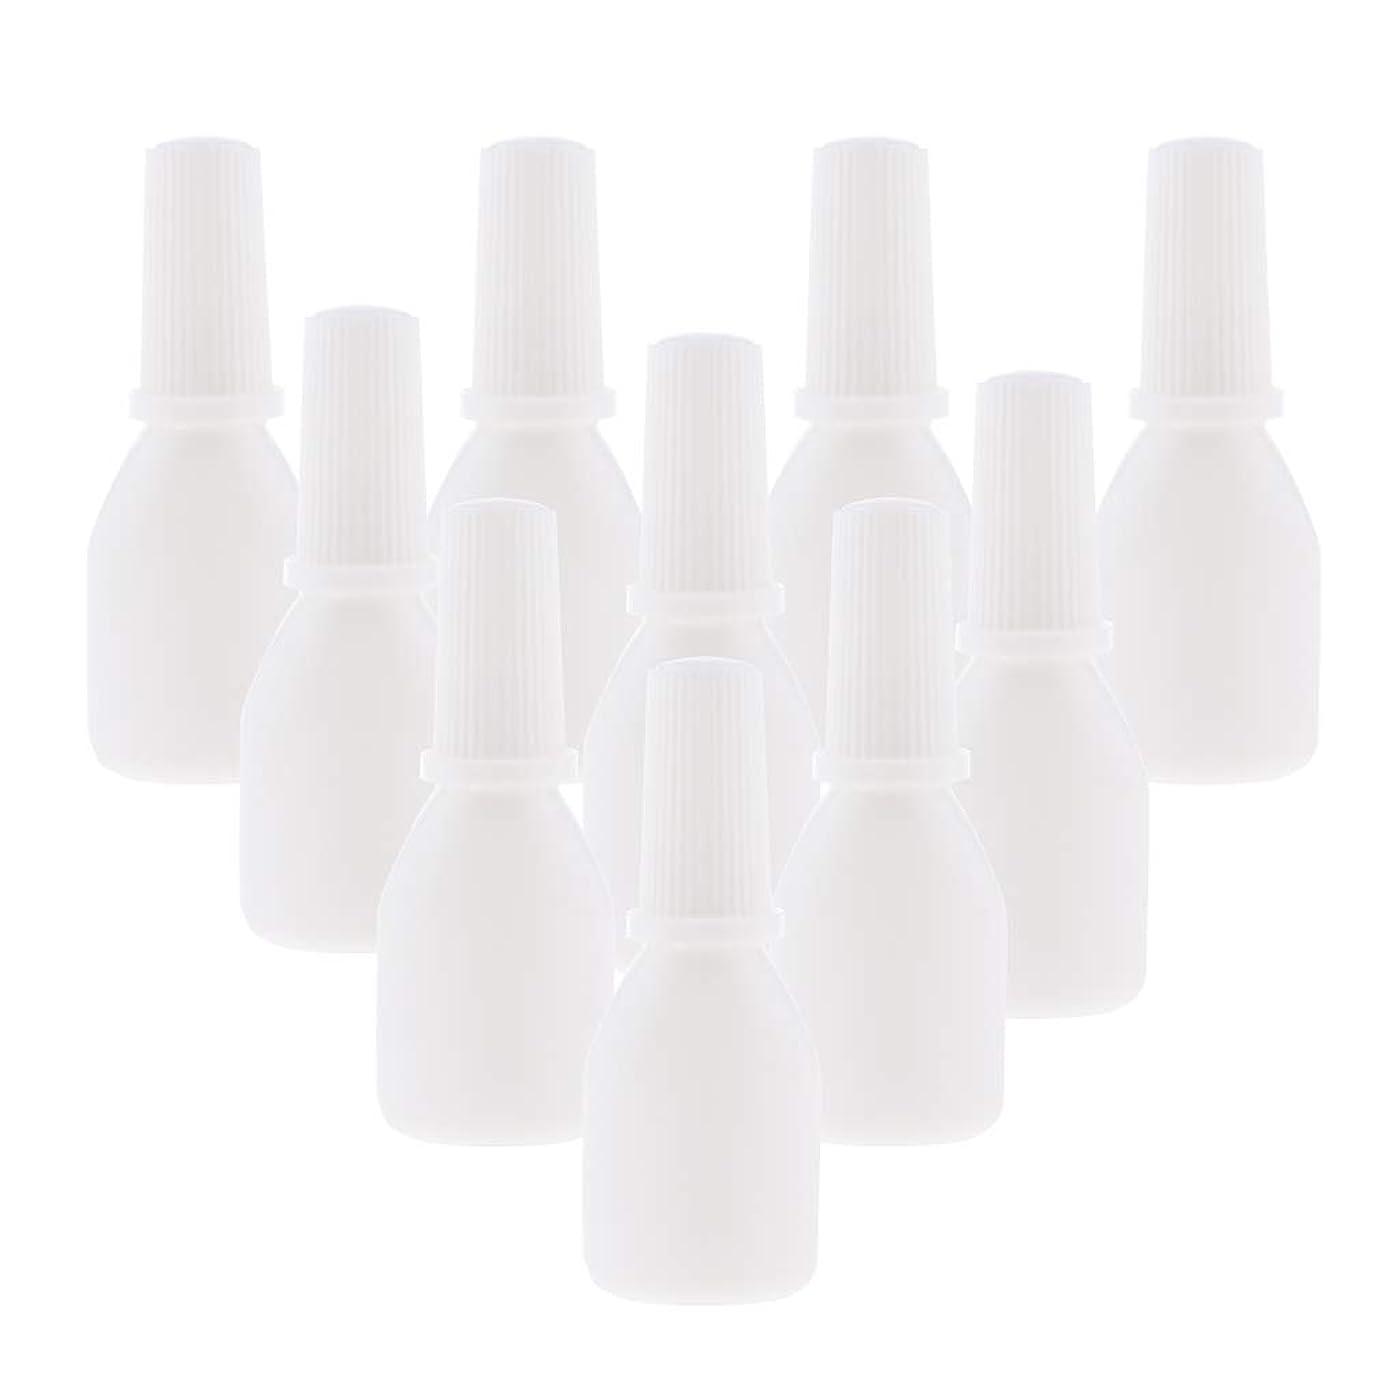 に向かって測る十分ではないPerfeclan 10個 スプレーボトル 空ボトル 詰め替え容器 小分け用 霧吹き ノズルチップ付 旅行用容器 20g